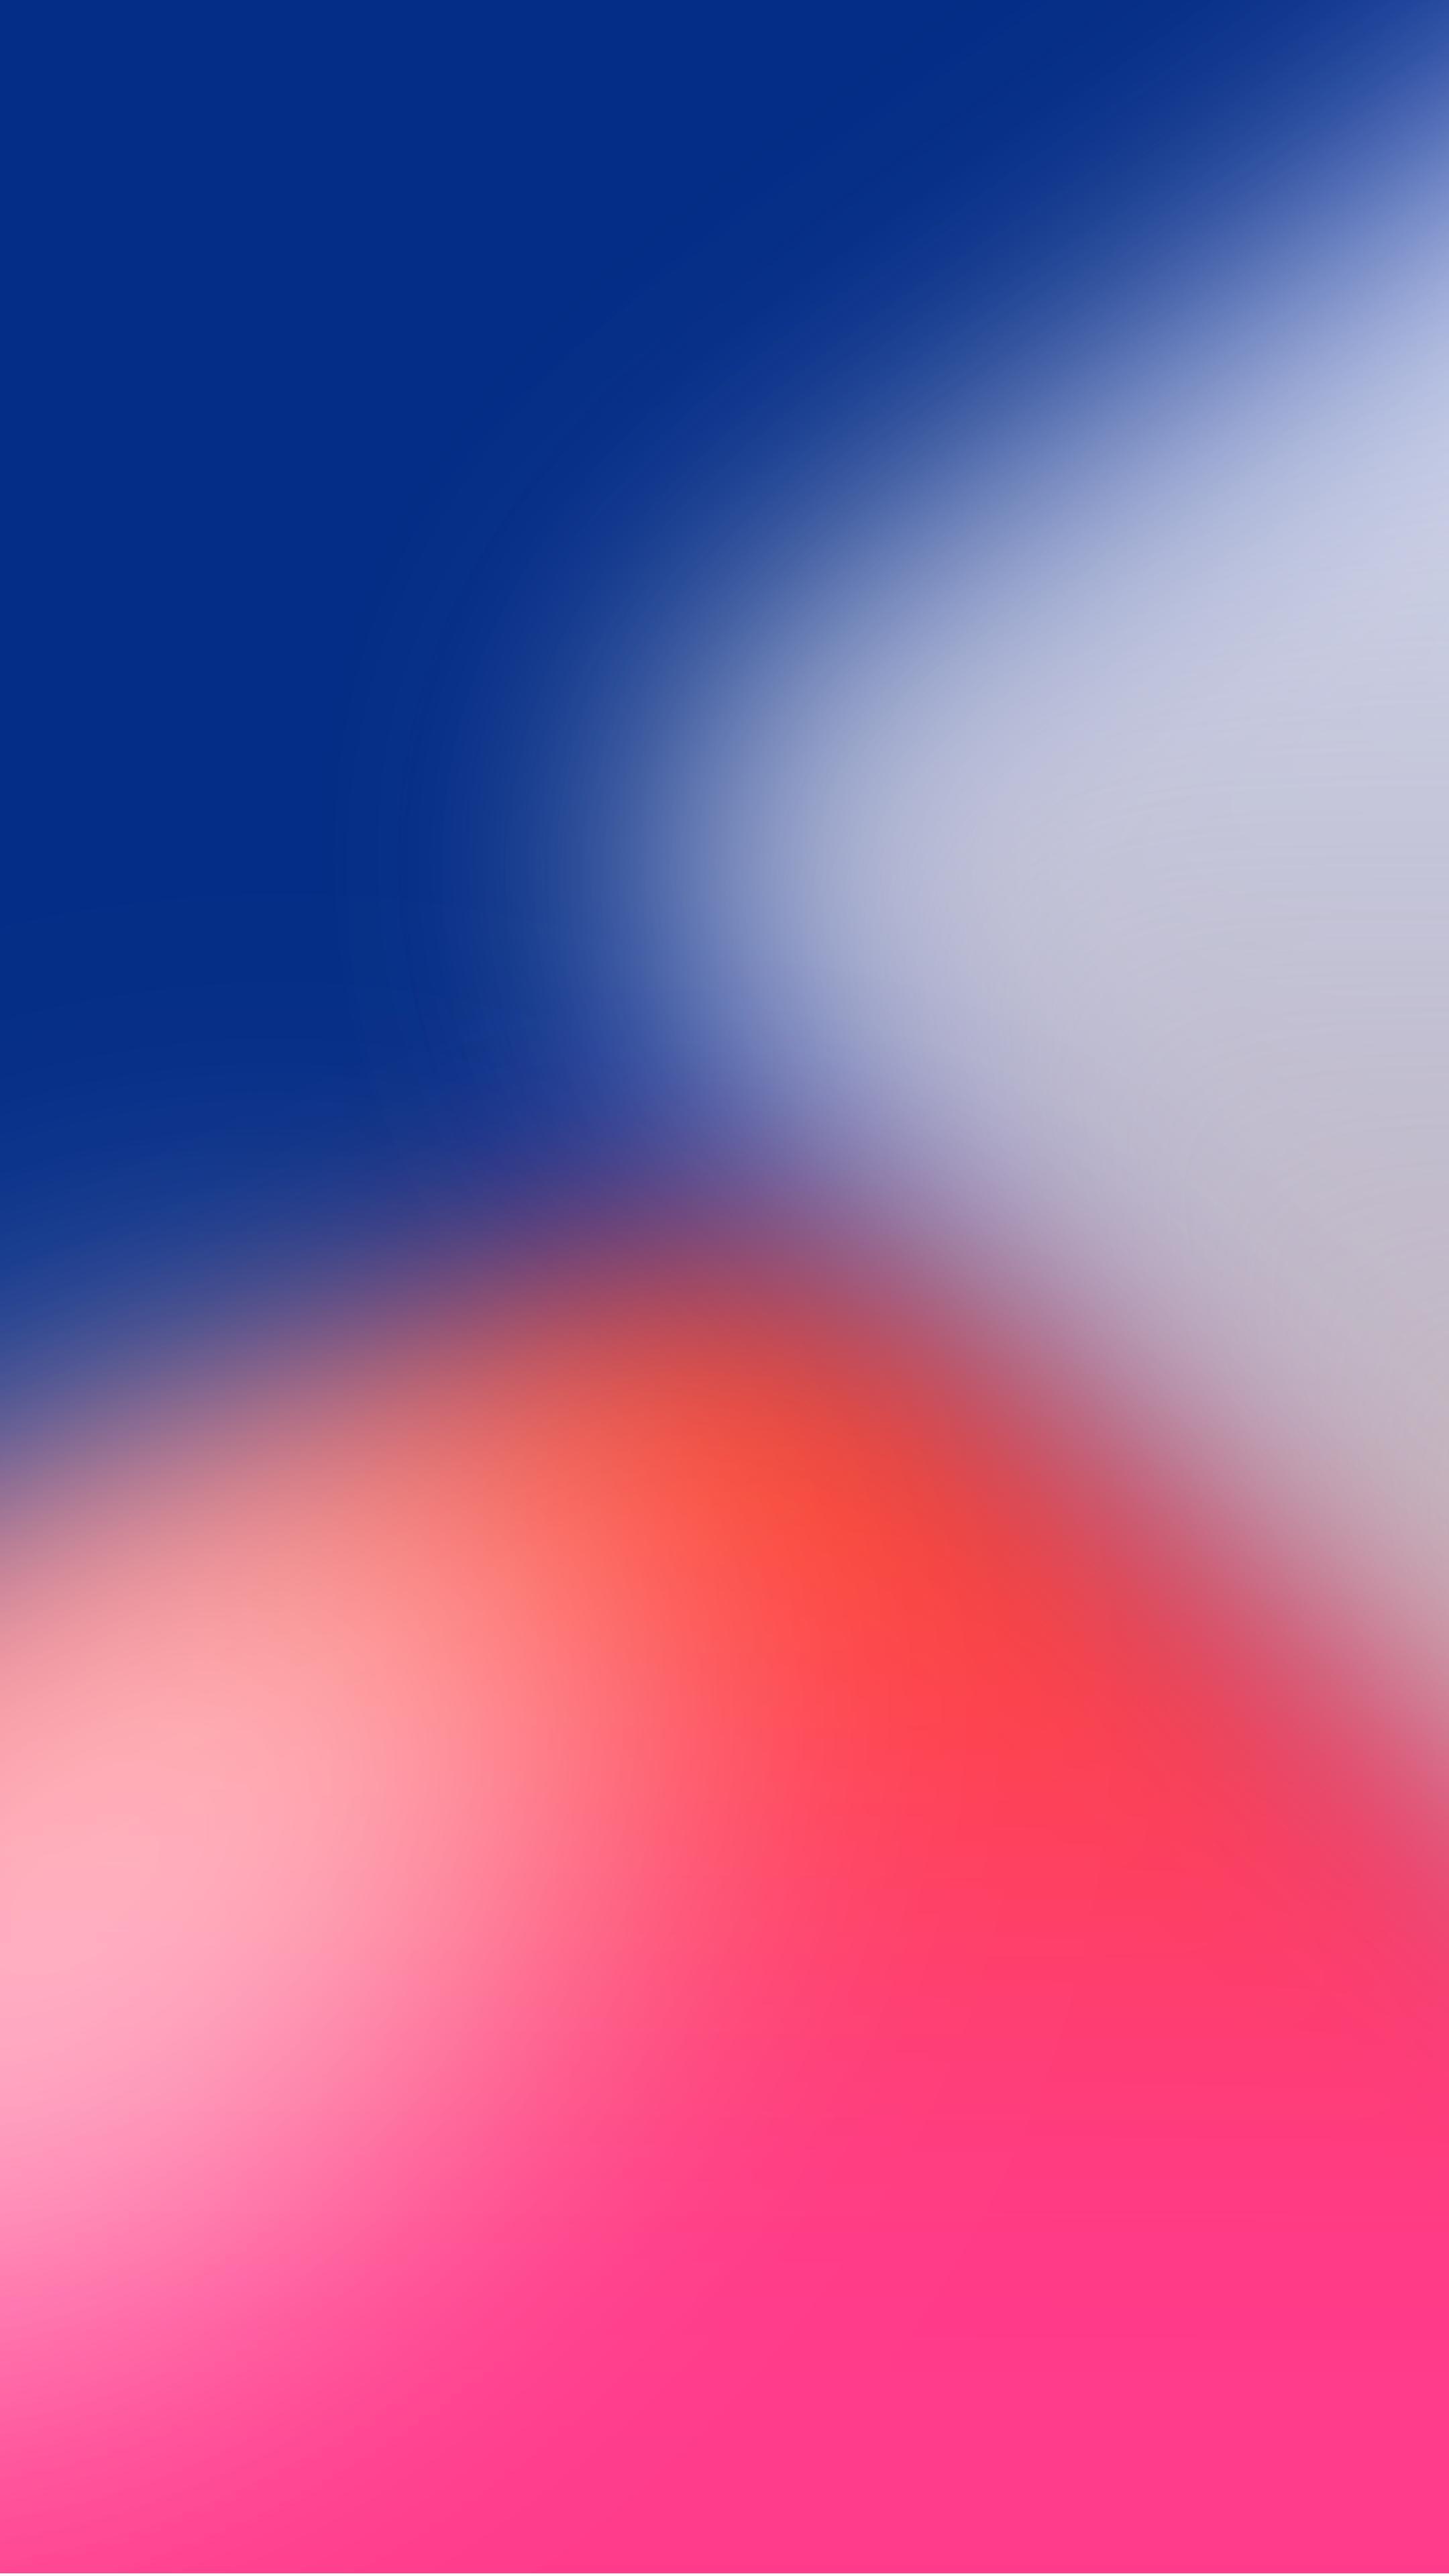 prepara la keynote del iphone 8 x con estos fondos de pantalla